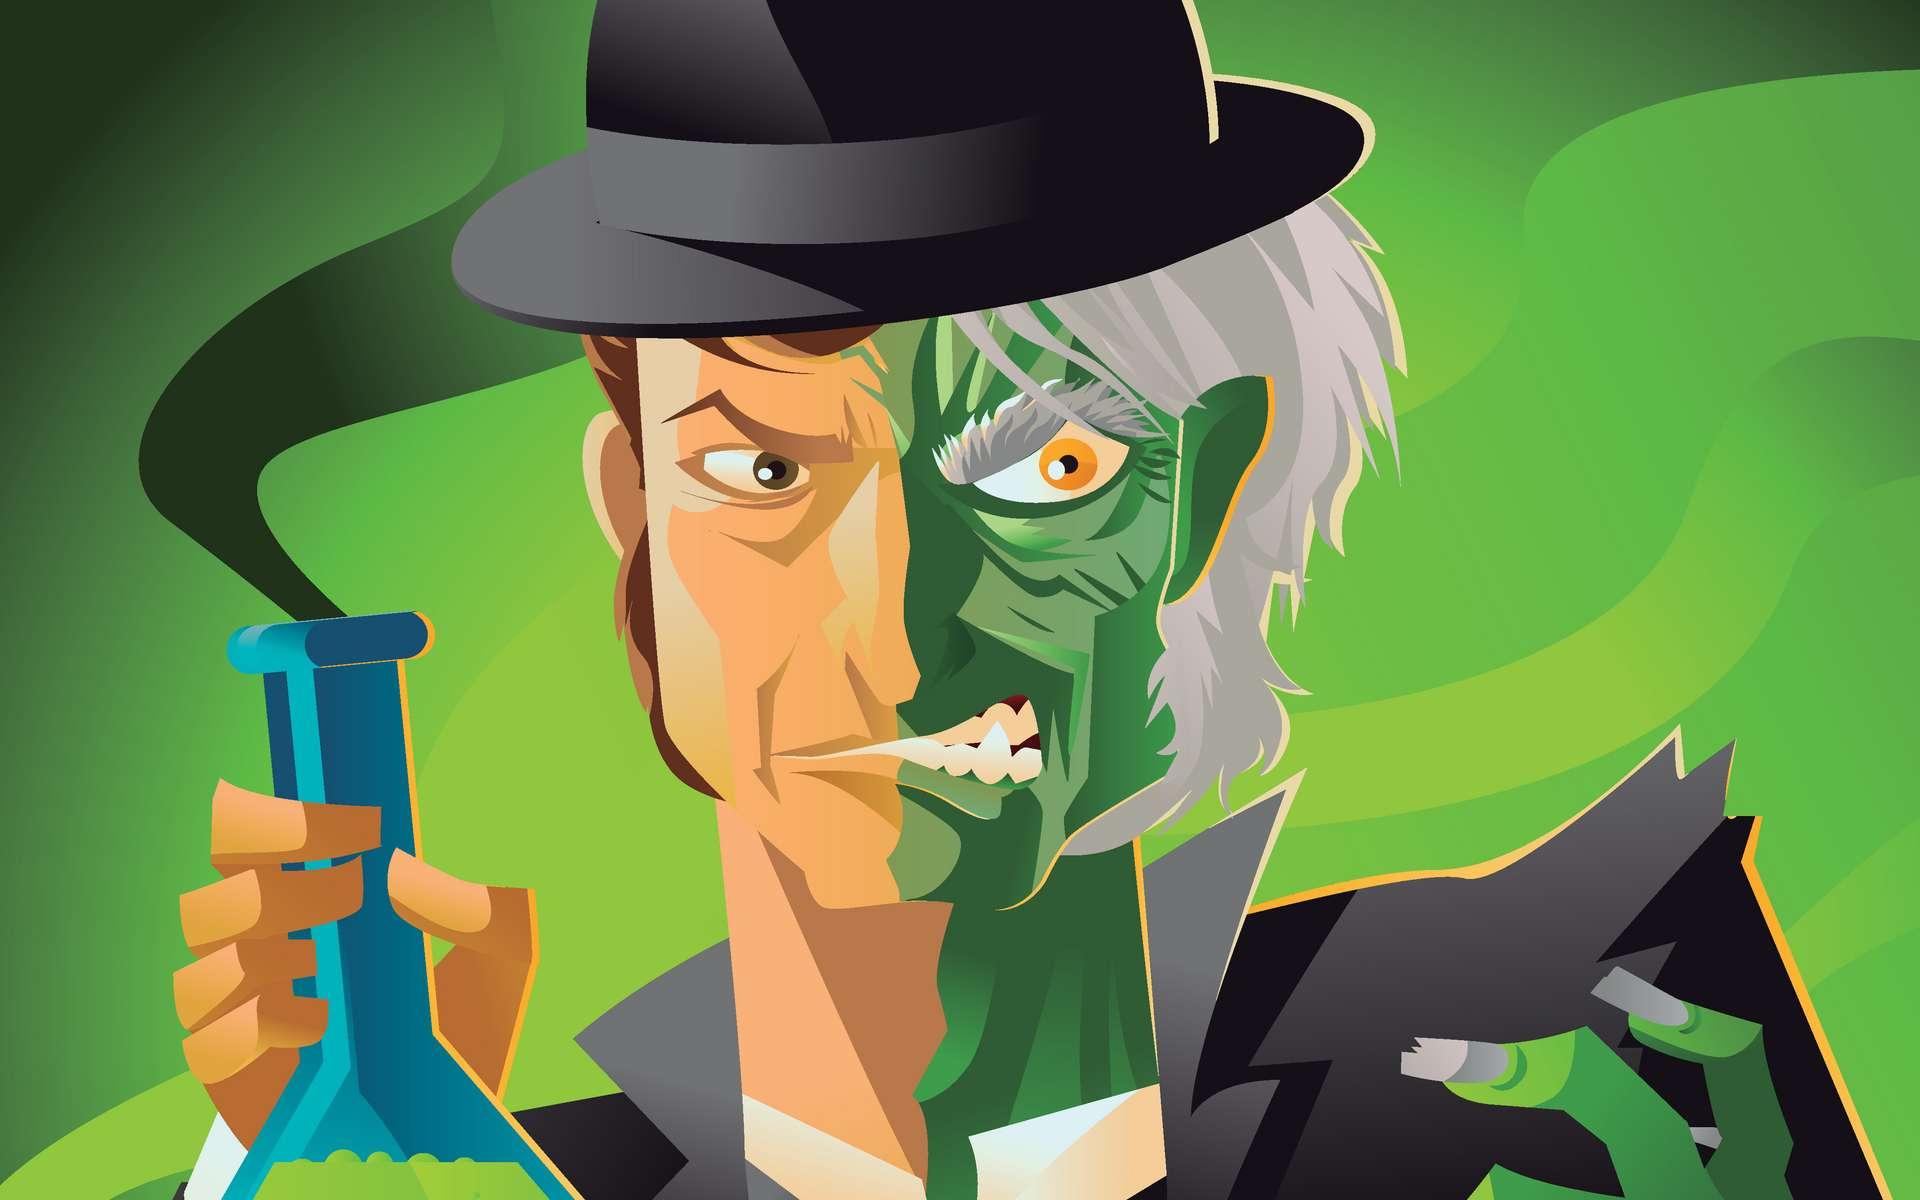 En avalant une potion de sa création, le docteur Jekyll se transforme en M. Hyde. © Matiasdescarmine, Fotolia